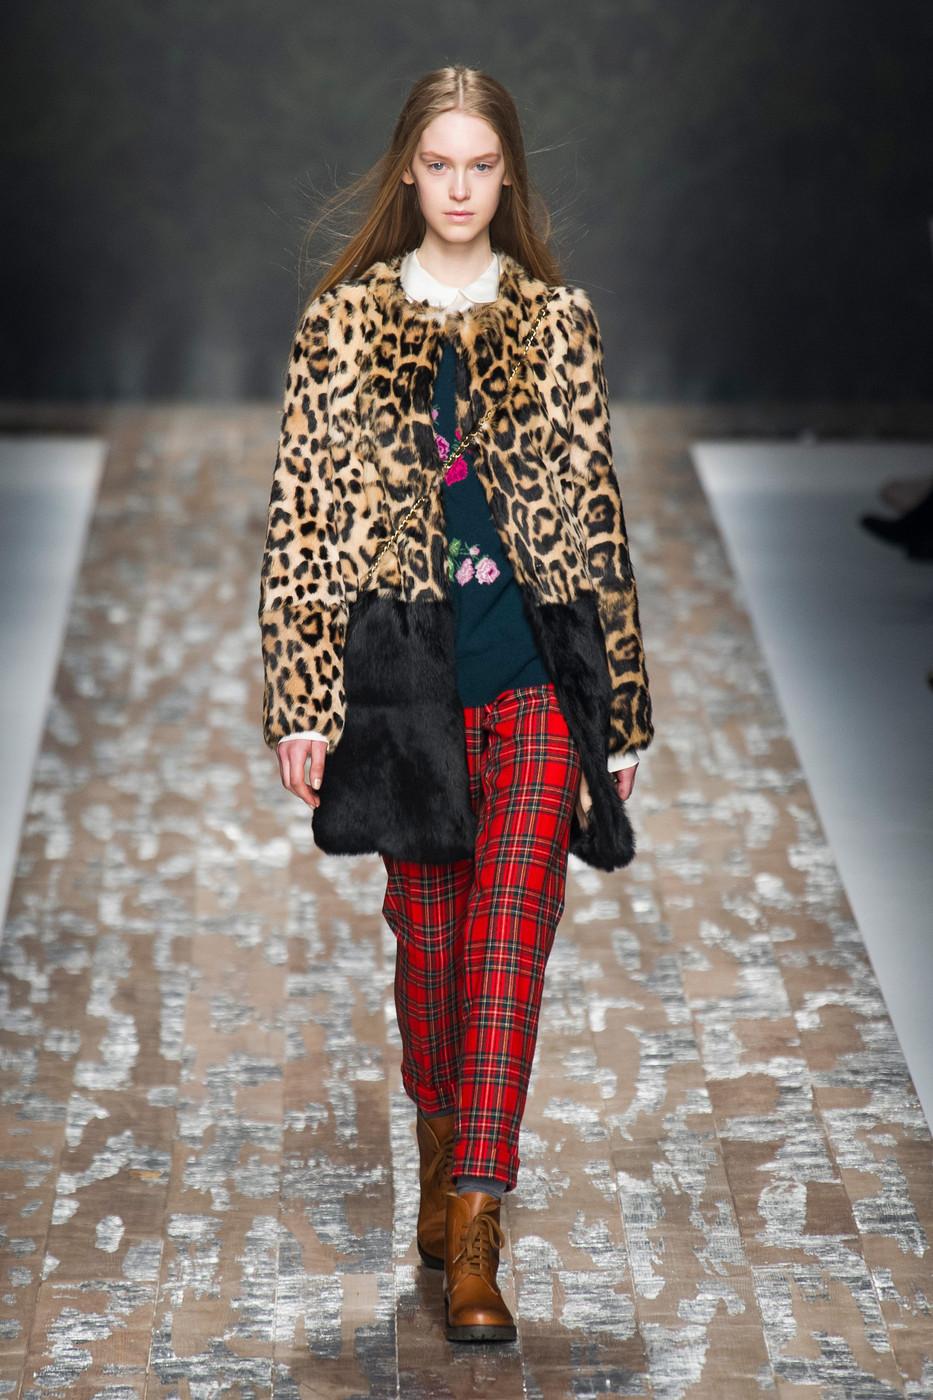 Леопардовый принт: стиль осень-зима